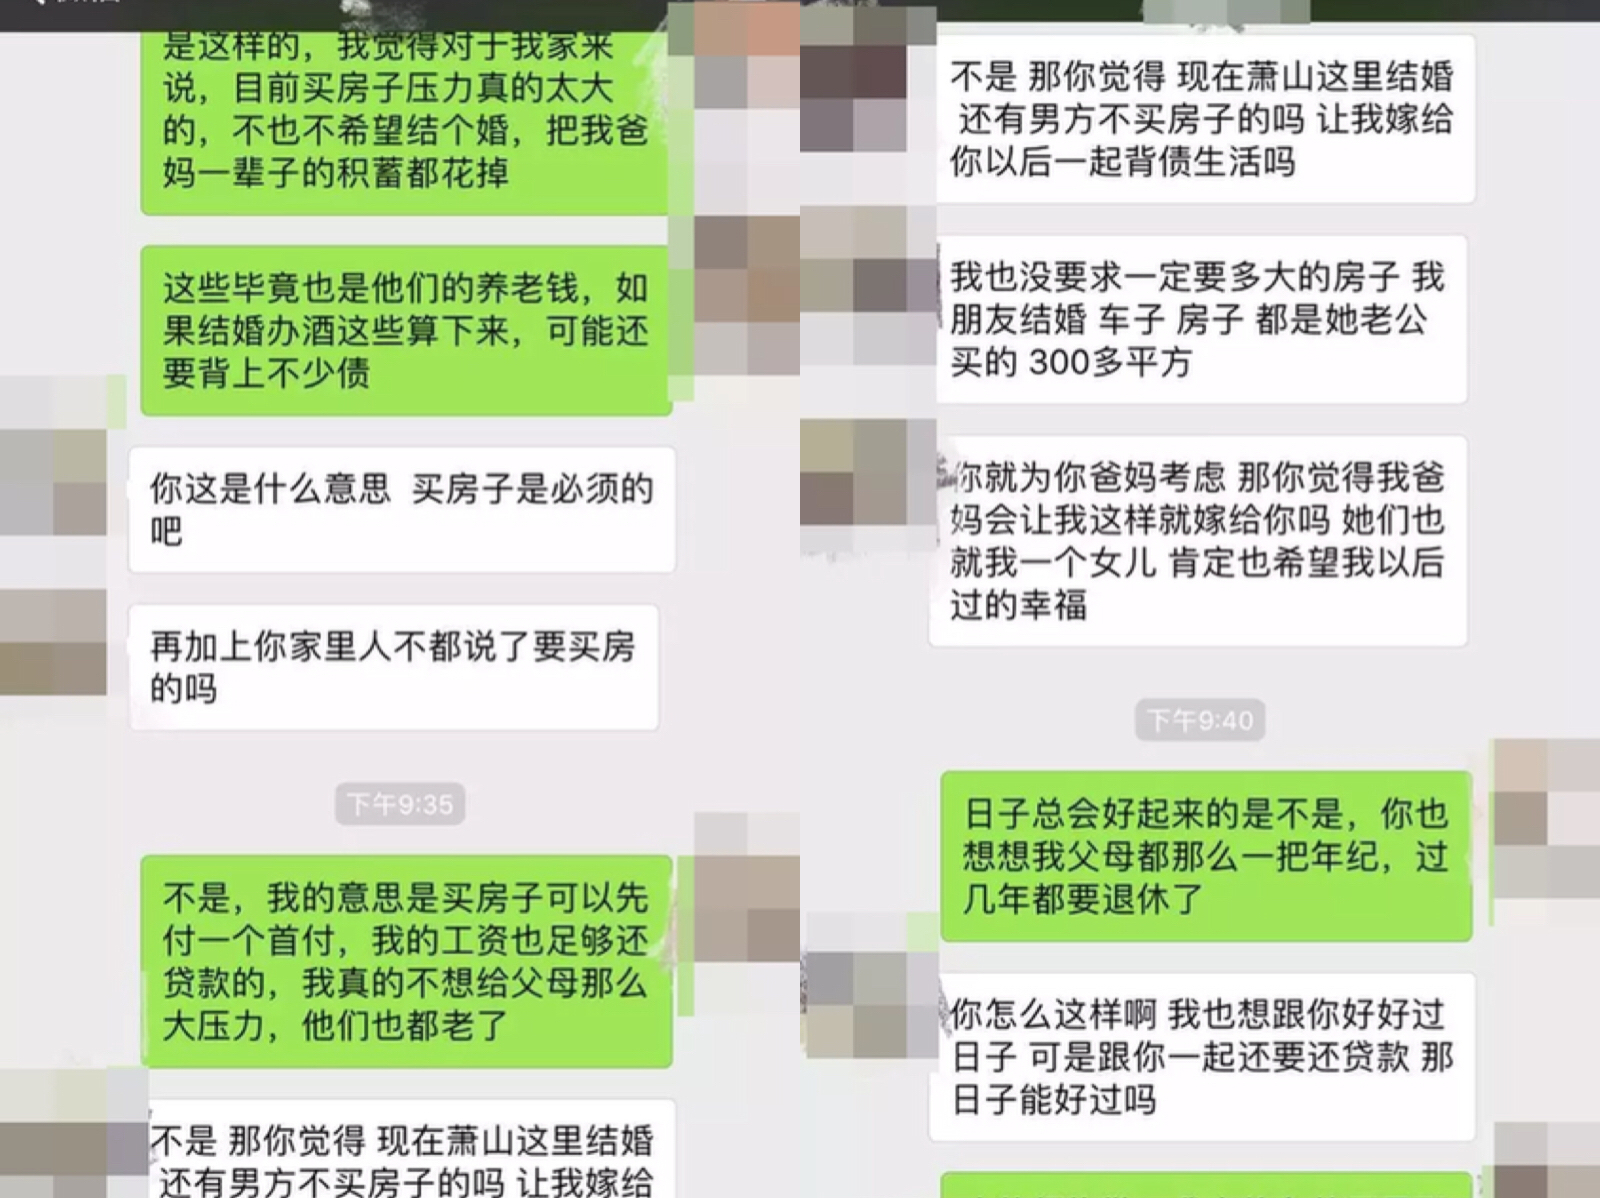 买房才结婚的这个混蛋逻辑,伤害了多少中国男人 轻松一刻 第1张